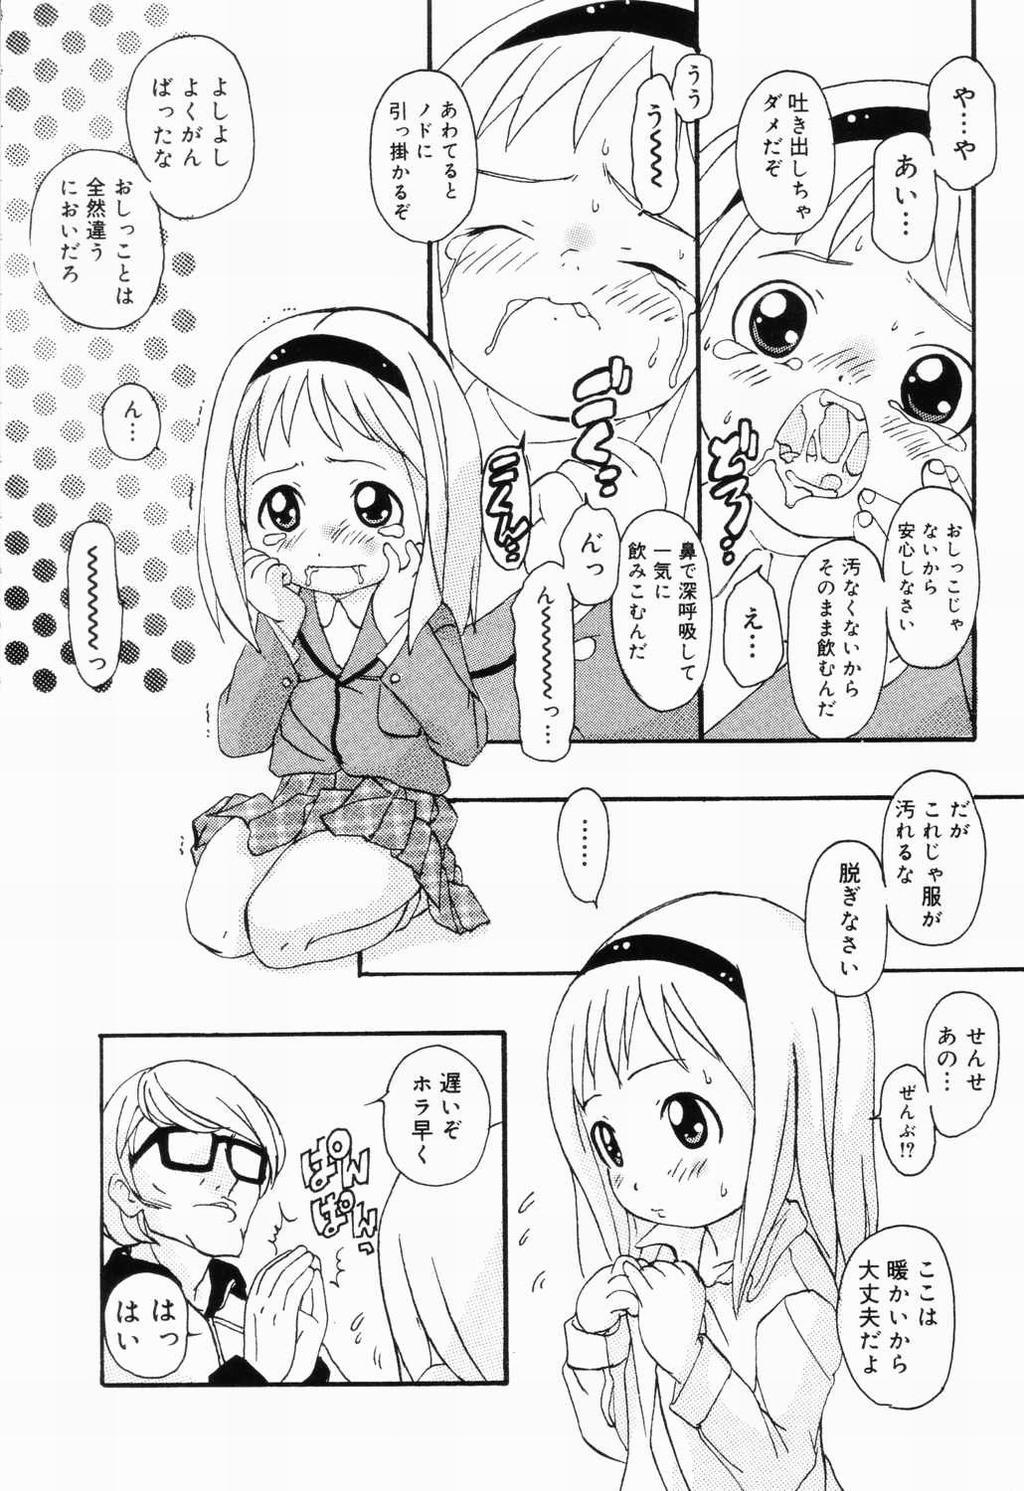 Picha Picha no Ichinensei 64